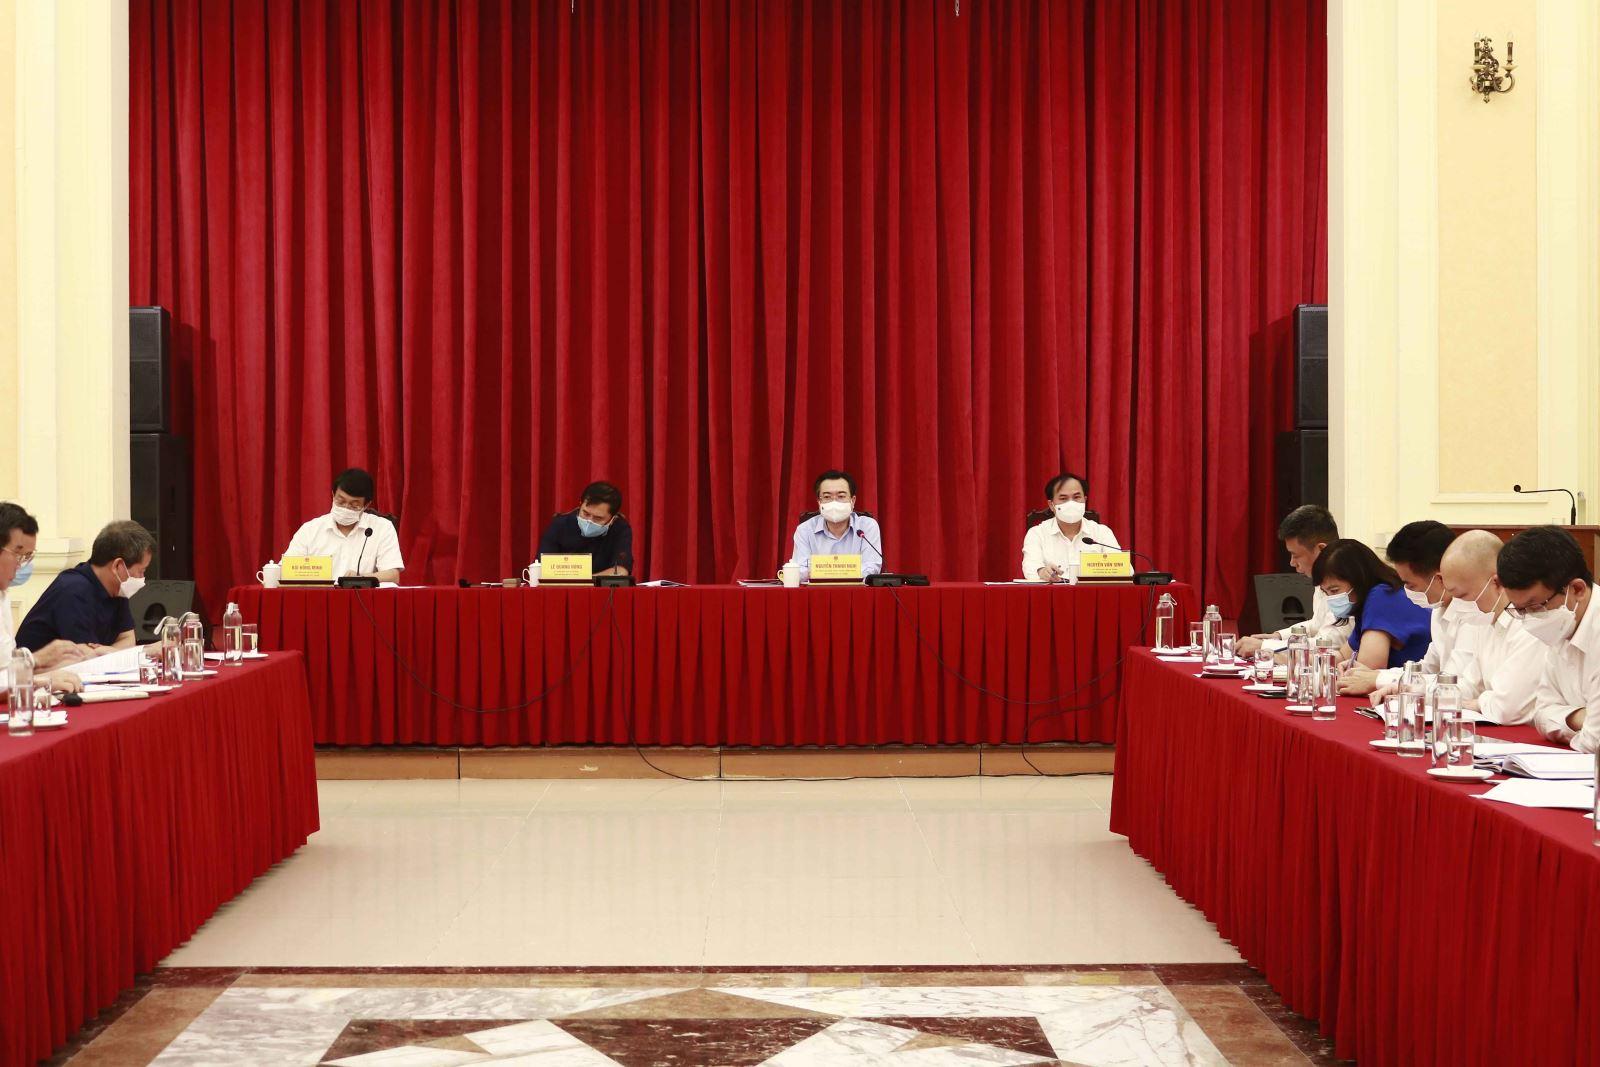 Tham dự Hội nghị có các đồng chí Thứ trưởng: Lê Quang Hùng, Nguyễn Văn Sinh, Bùi Hồng Minh; và thủ trưởng các cơ quan, đơn vị trực thuộc cơ quan Bộ Xây dựng